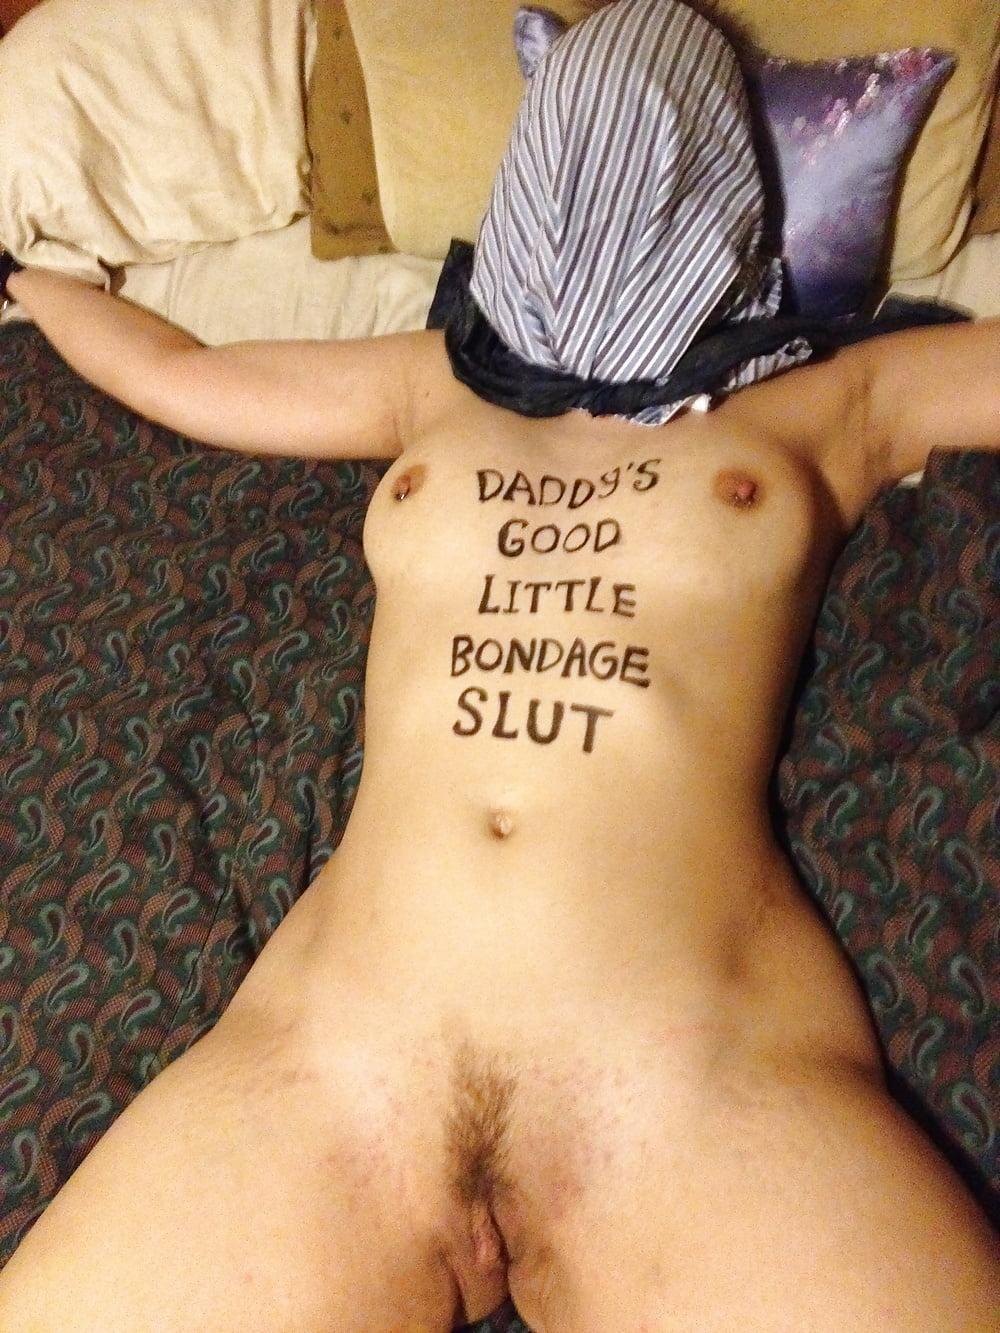 writes-on-her-slut